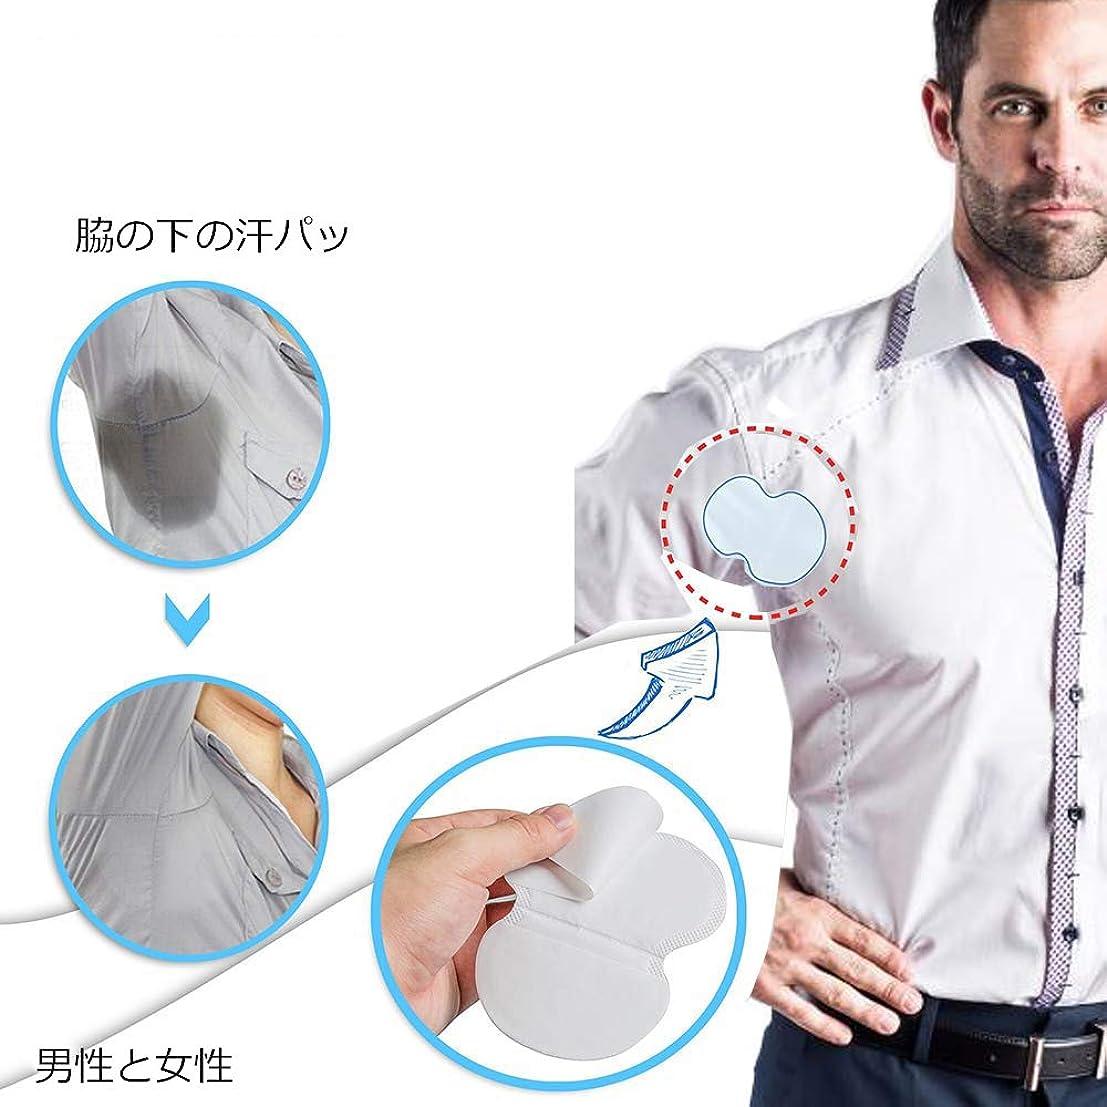 さわやか砲撃振り子脇の下の汗パッド - 男性と女性のための使い捨ての脇の下パッド脇の下の汗パッドと消臭香りの錠剤、目に見えないと余分な接着剤(100 PCS)